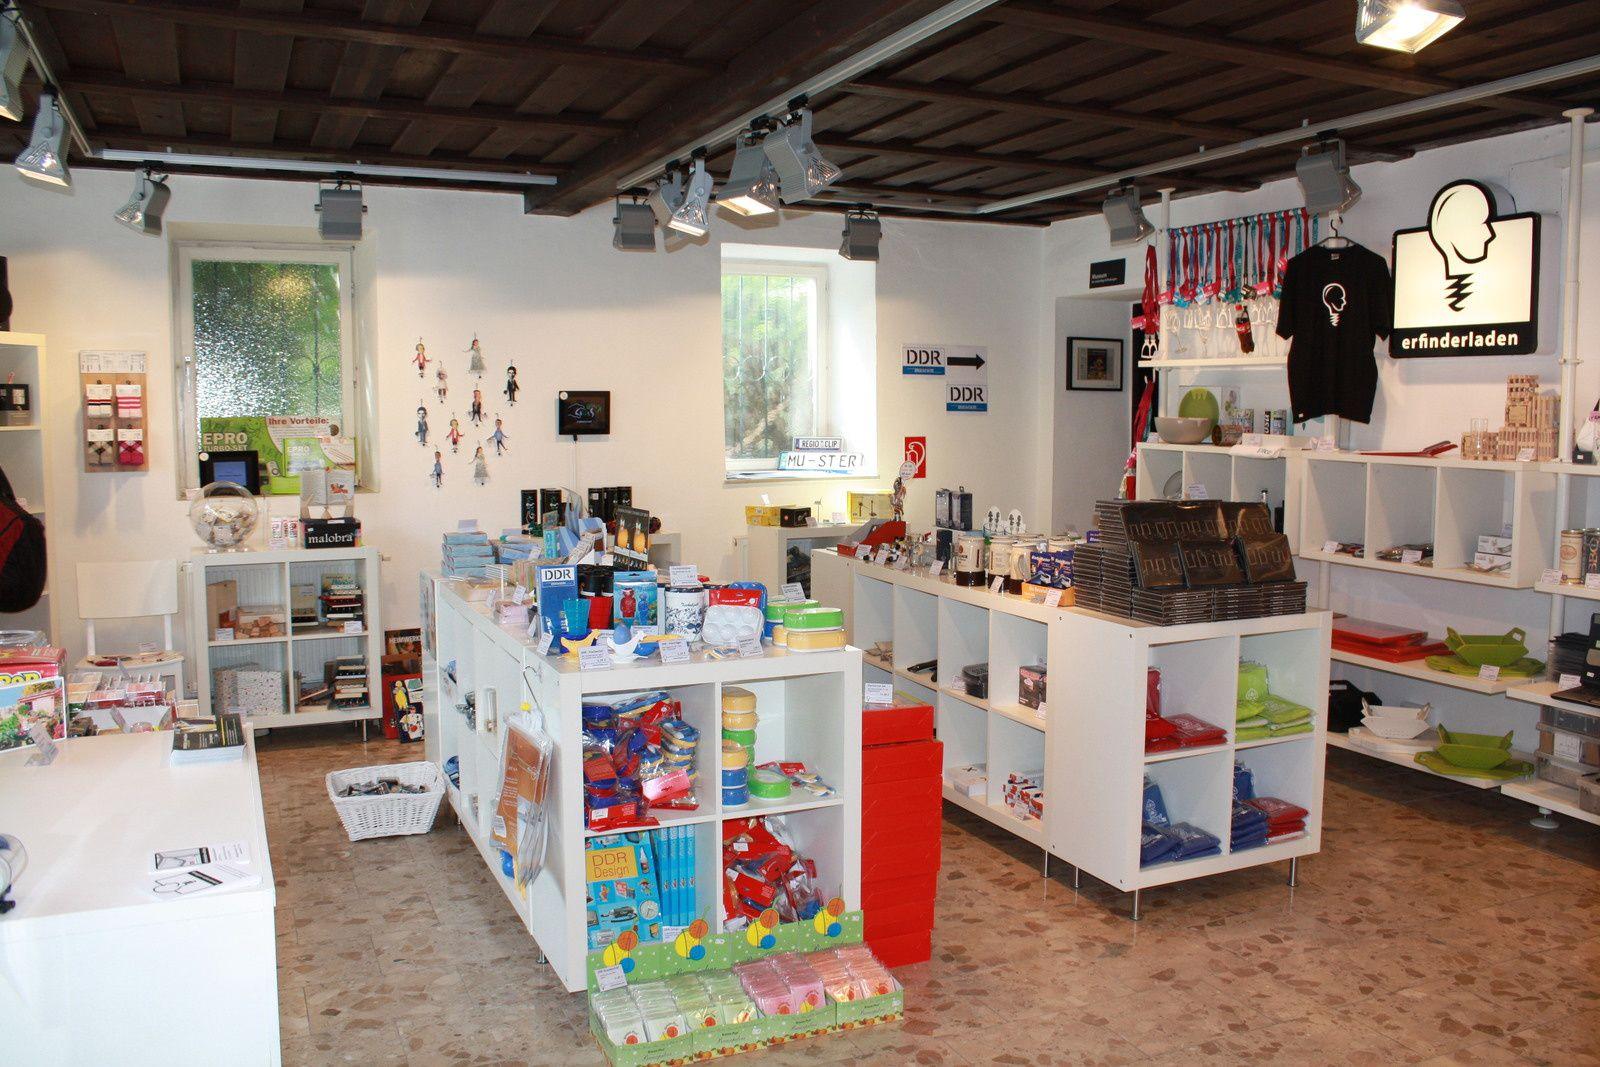 Erfinderladen in Salzburg // Quelle: www.inventorhaus.com